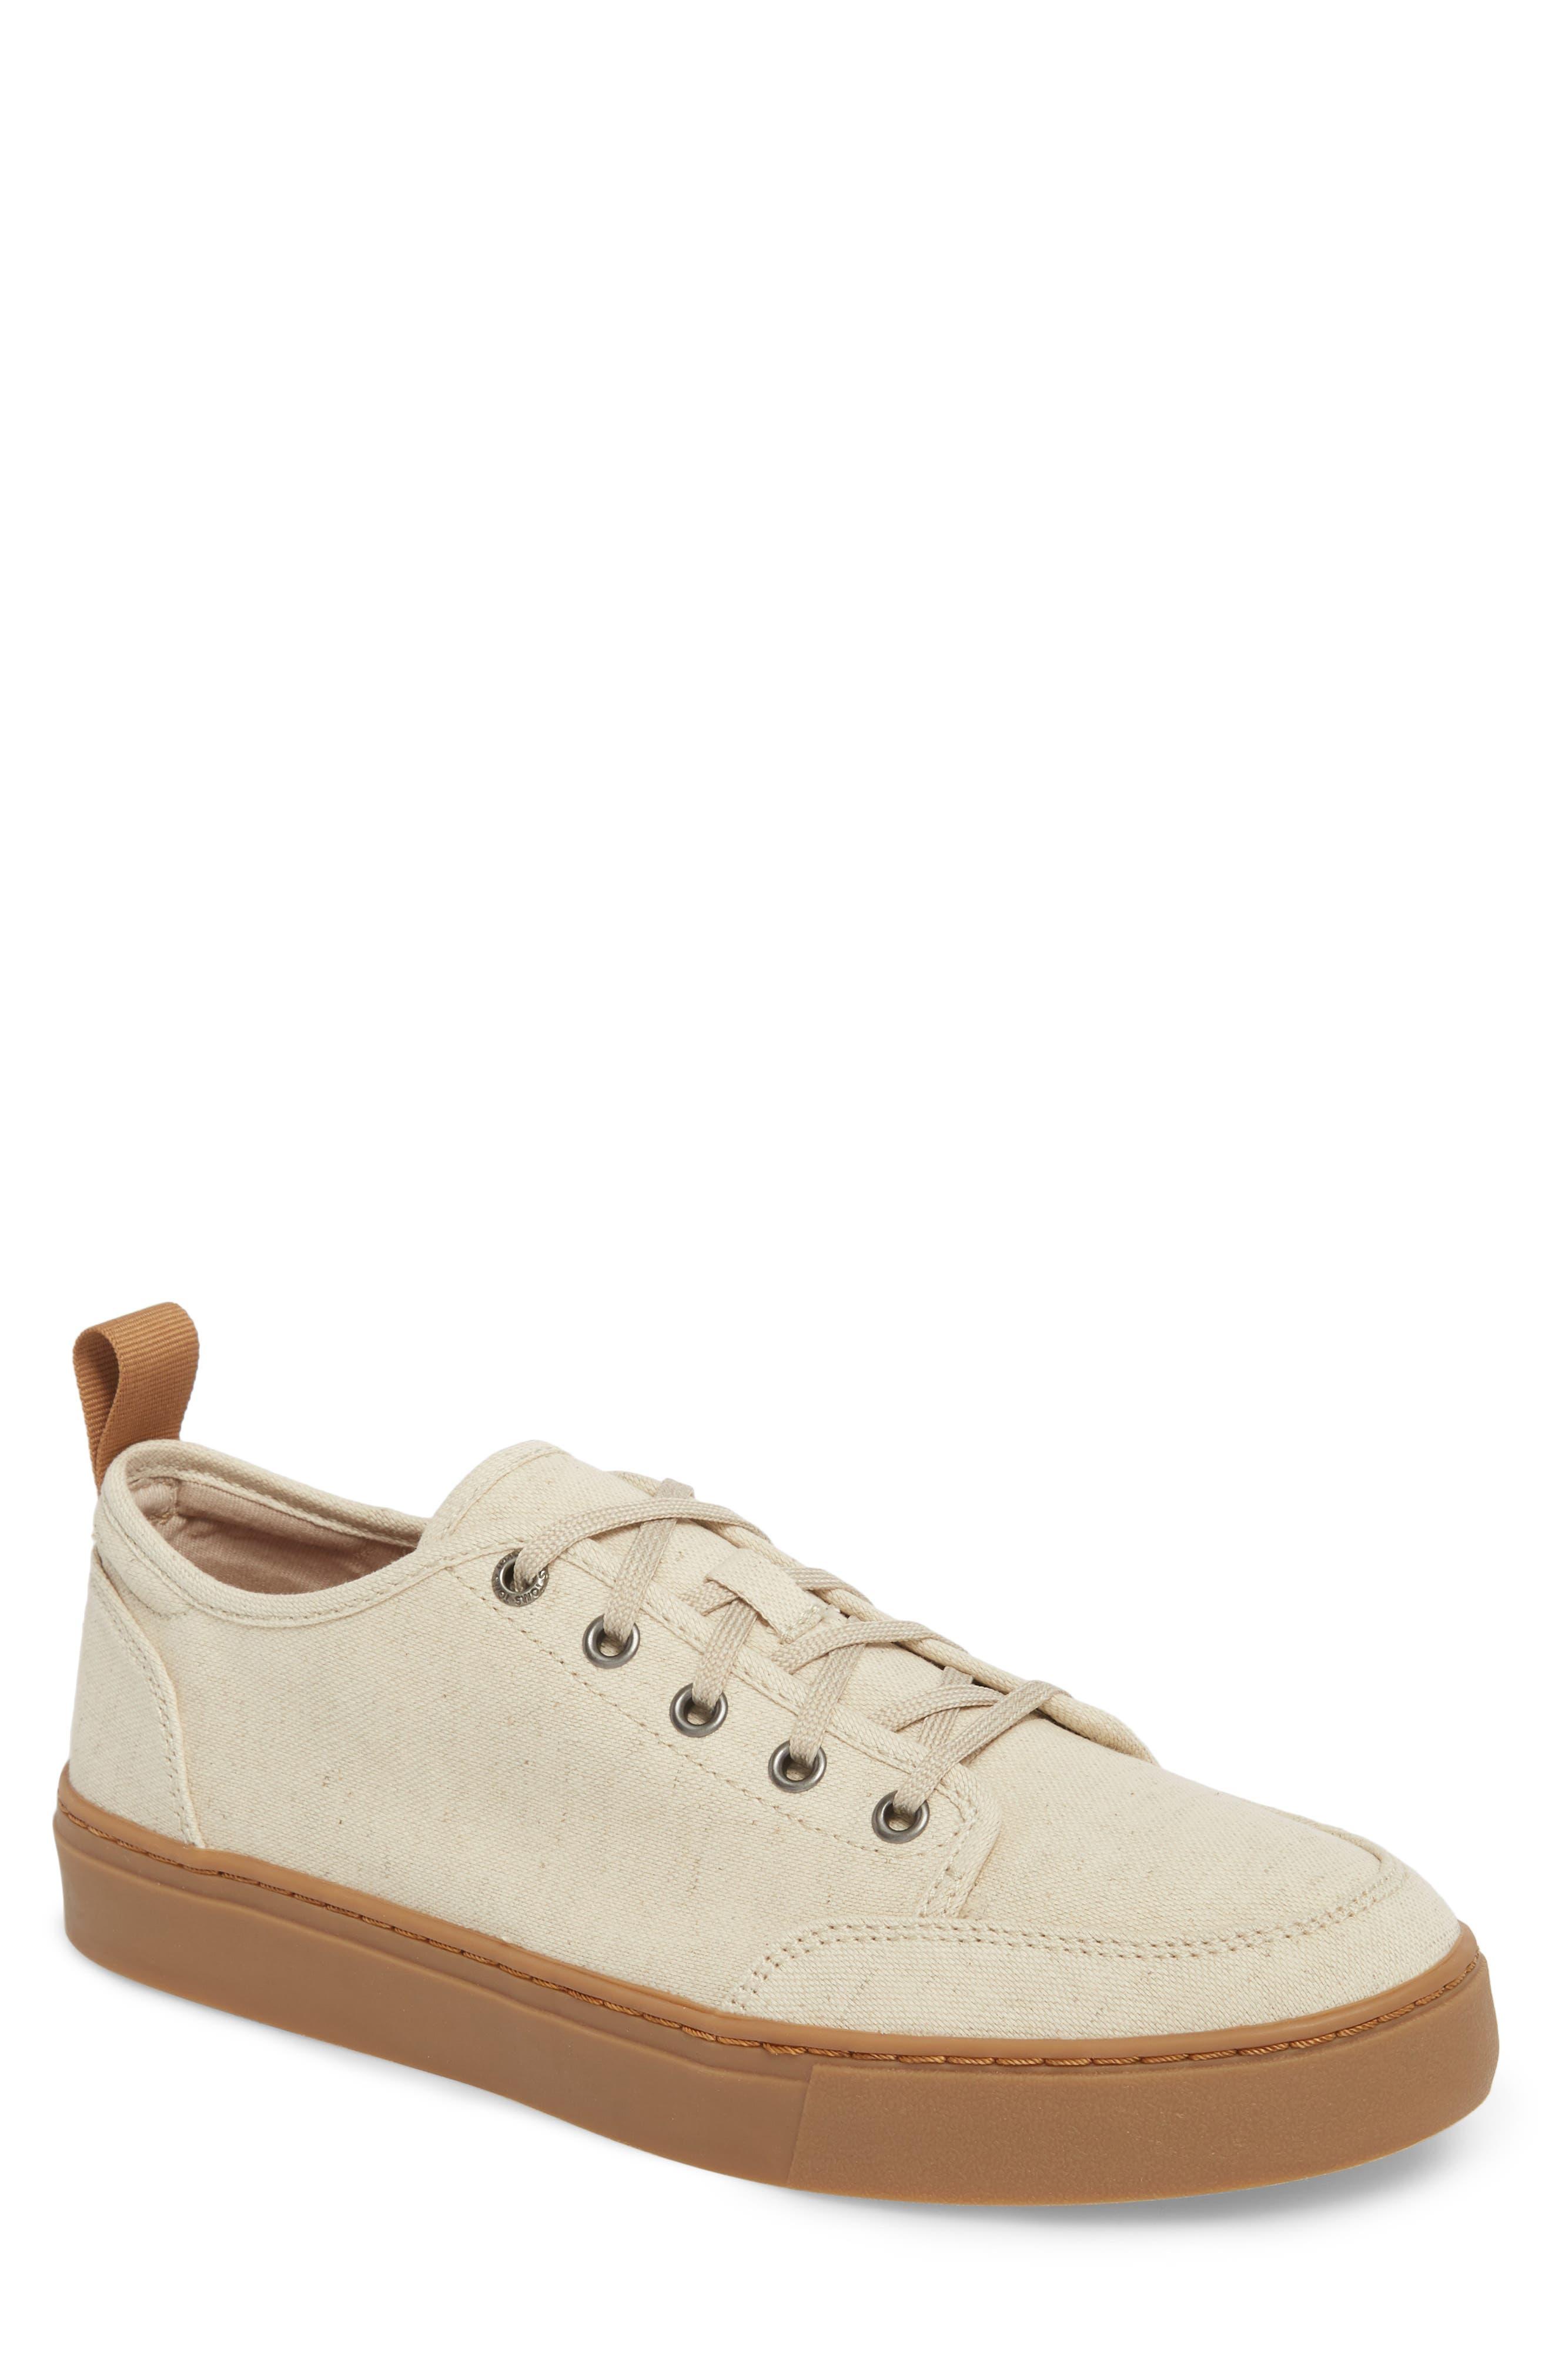 Landen Low Top Sneaker,                         Main,                         color, Natural Hemp/ Gum